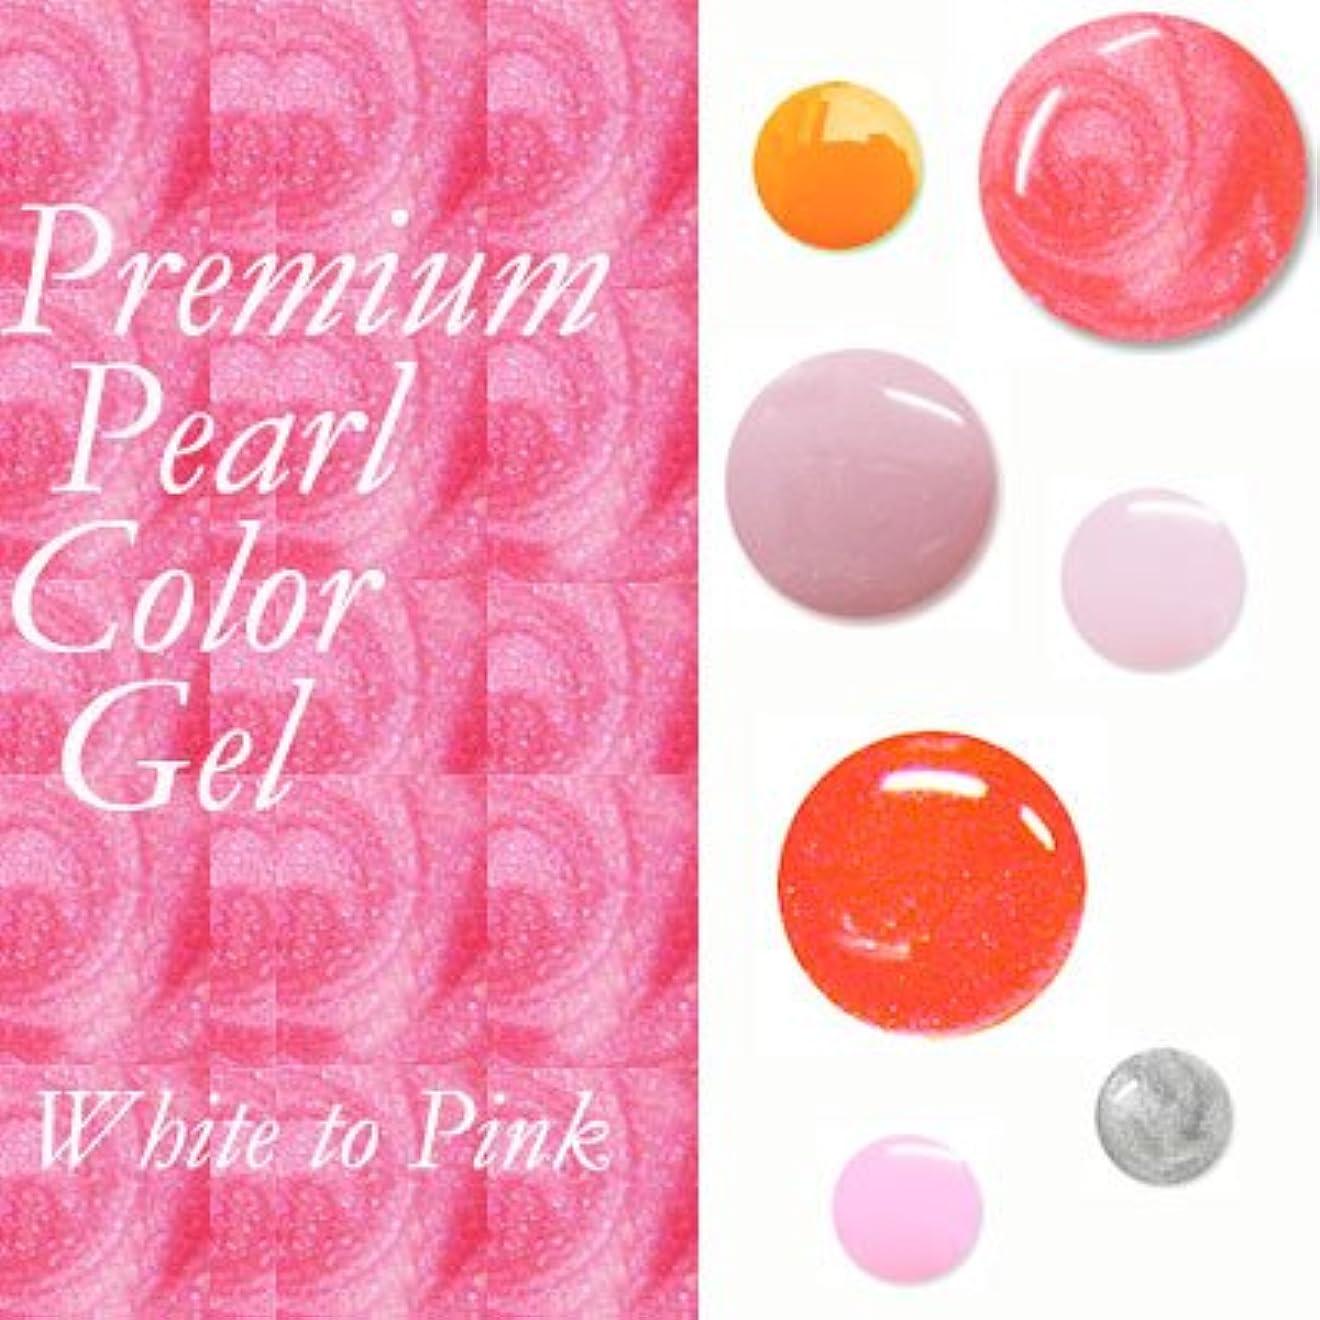 熟考する粗いシンプルなプレミアムパールカラージェル ホワイト?ピンク系 8g入り (パールベージュ)